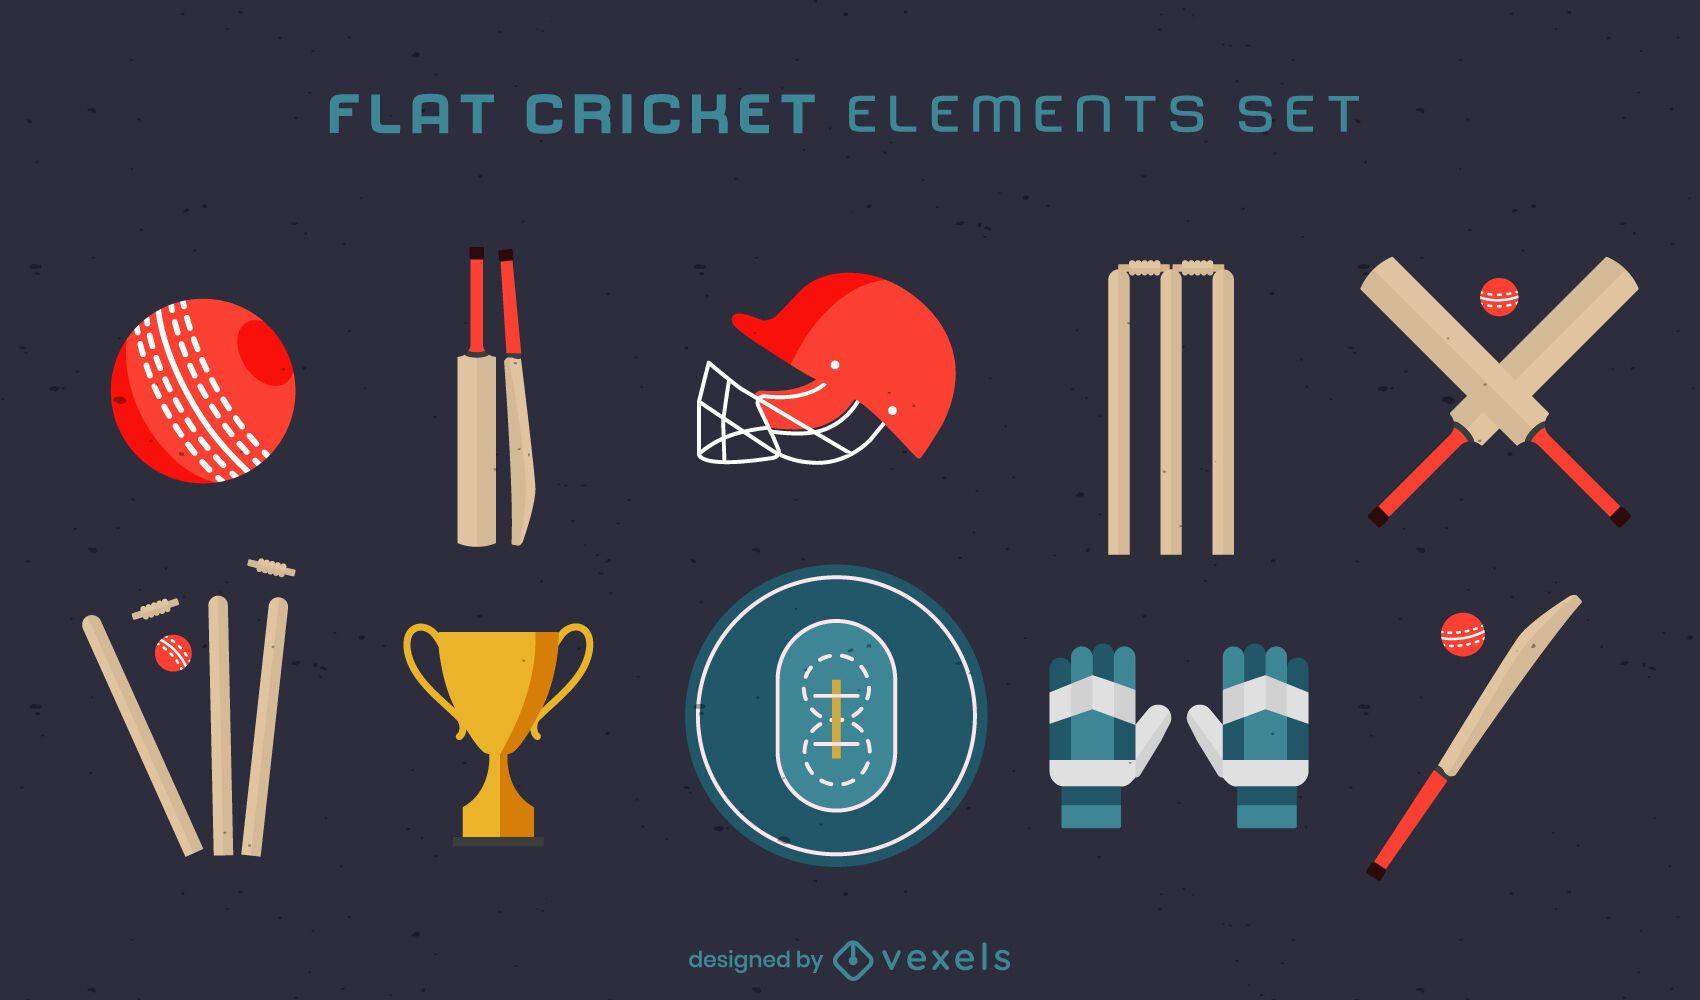 Flat cricket elements set